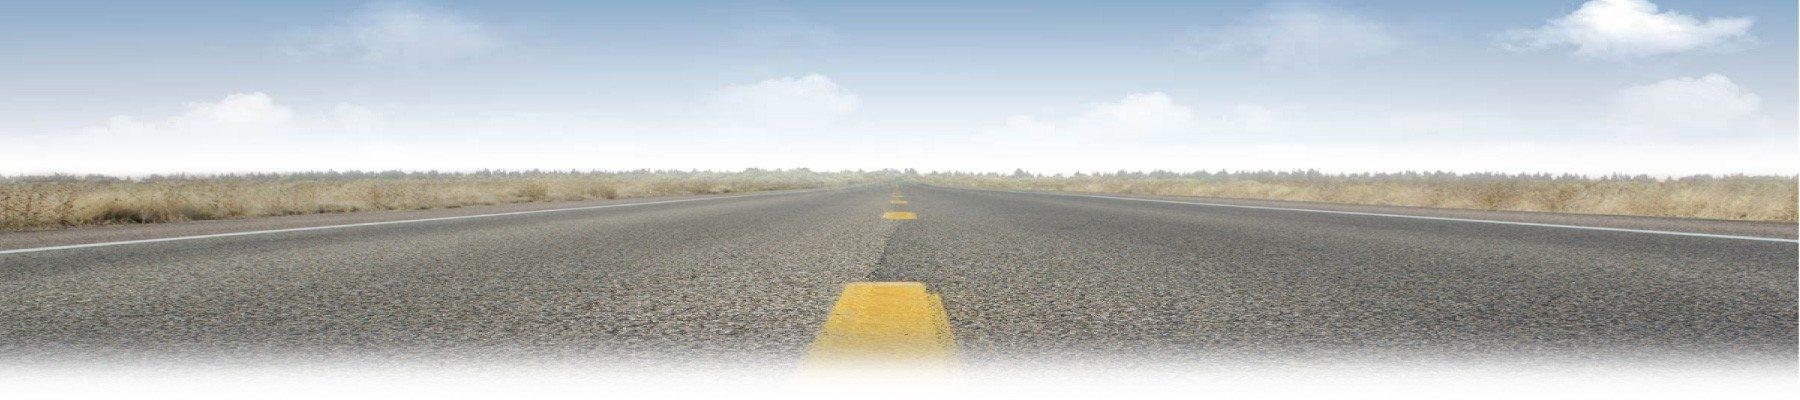 Fond route - AES, Spécialiste auto La Réunion